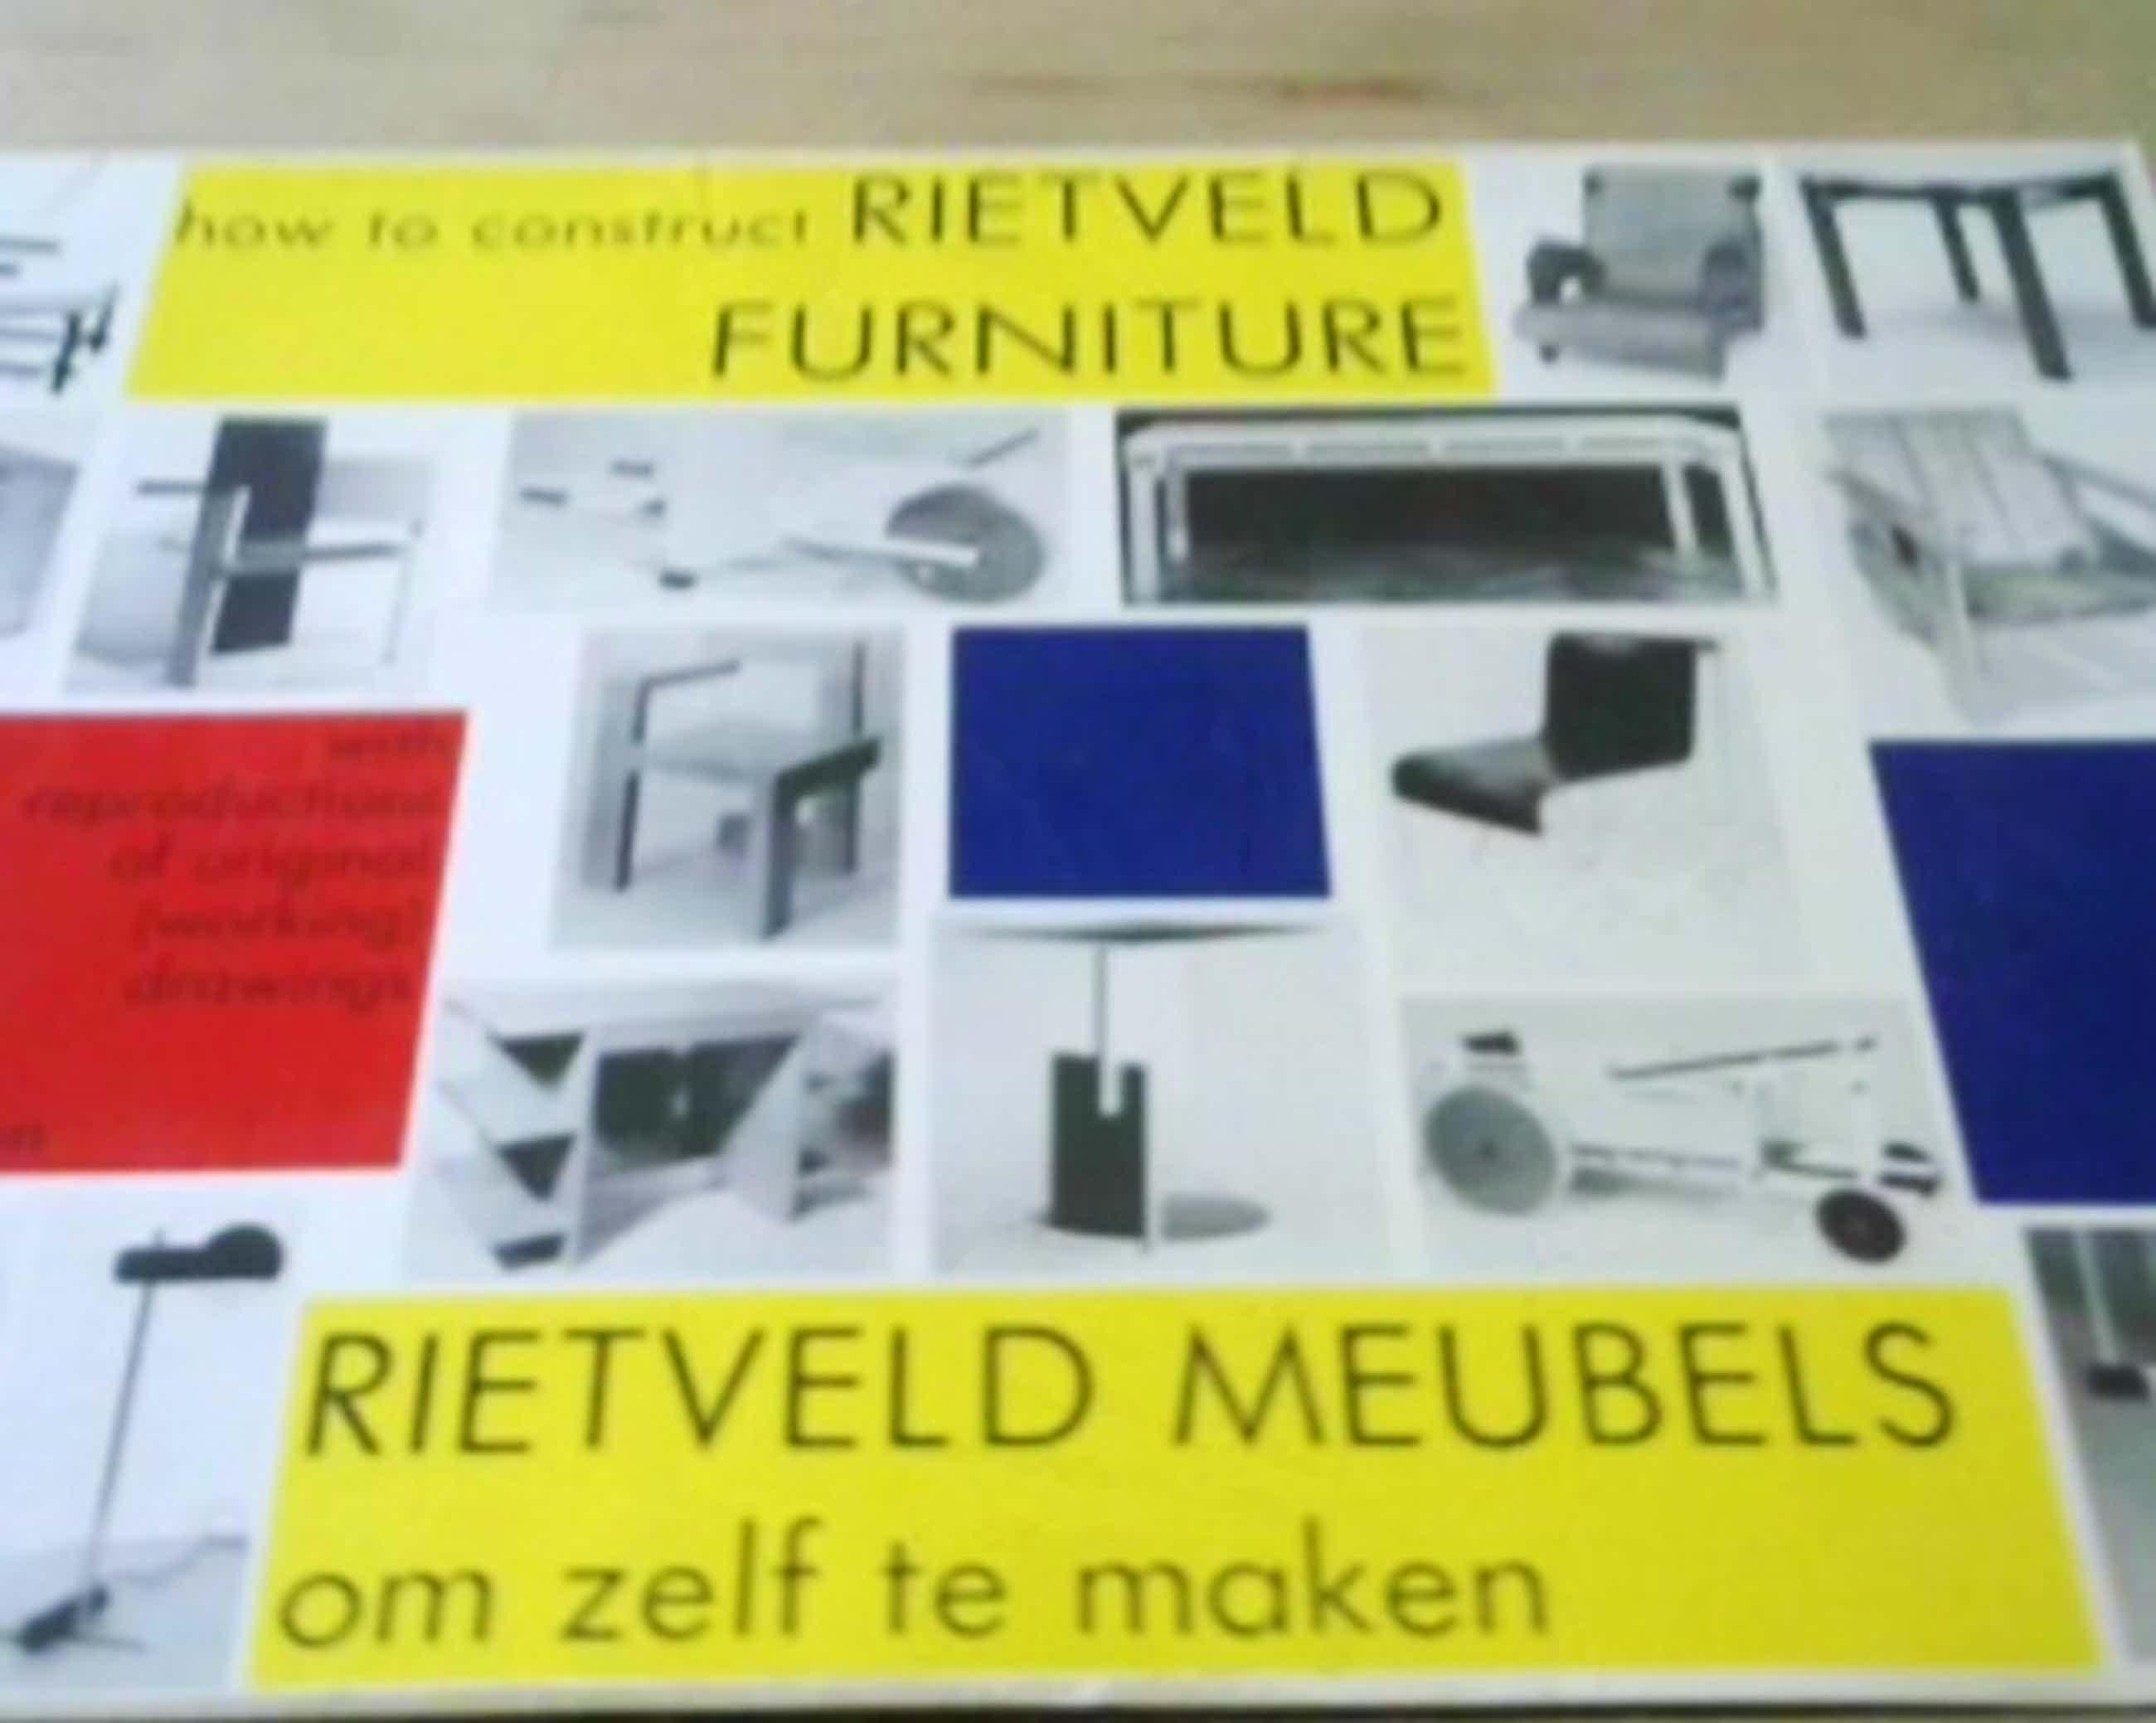 Gerrit Rietveld - Rietveld meubels om zelf te maken / How to construct Rietveld furniture kopen? Bied vanaf 35!